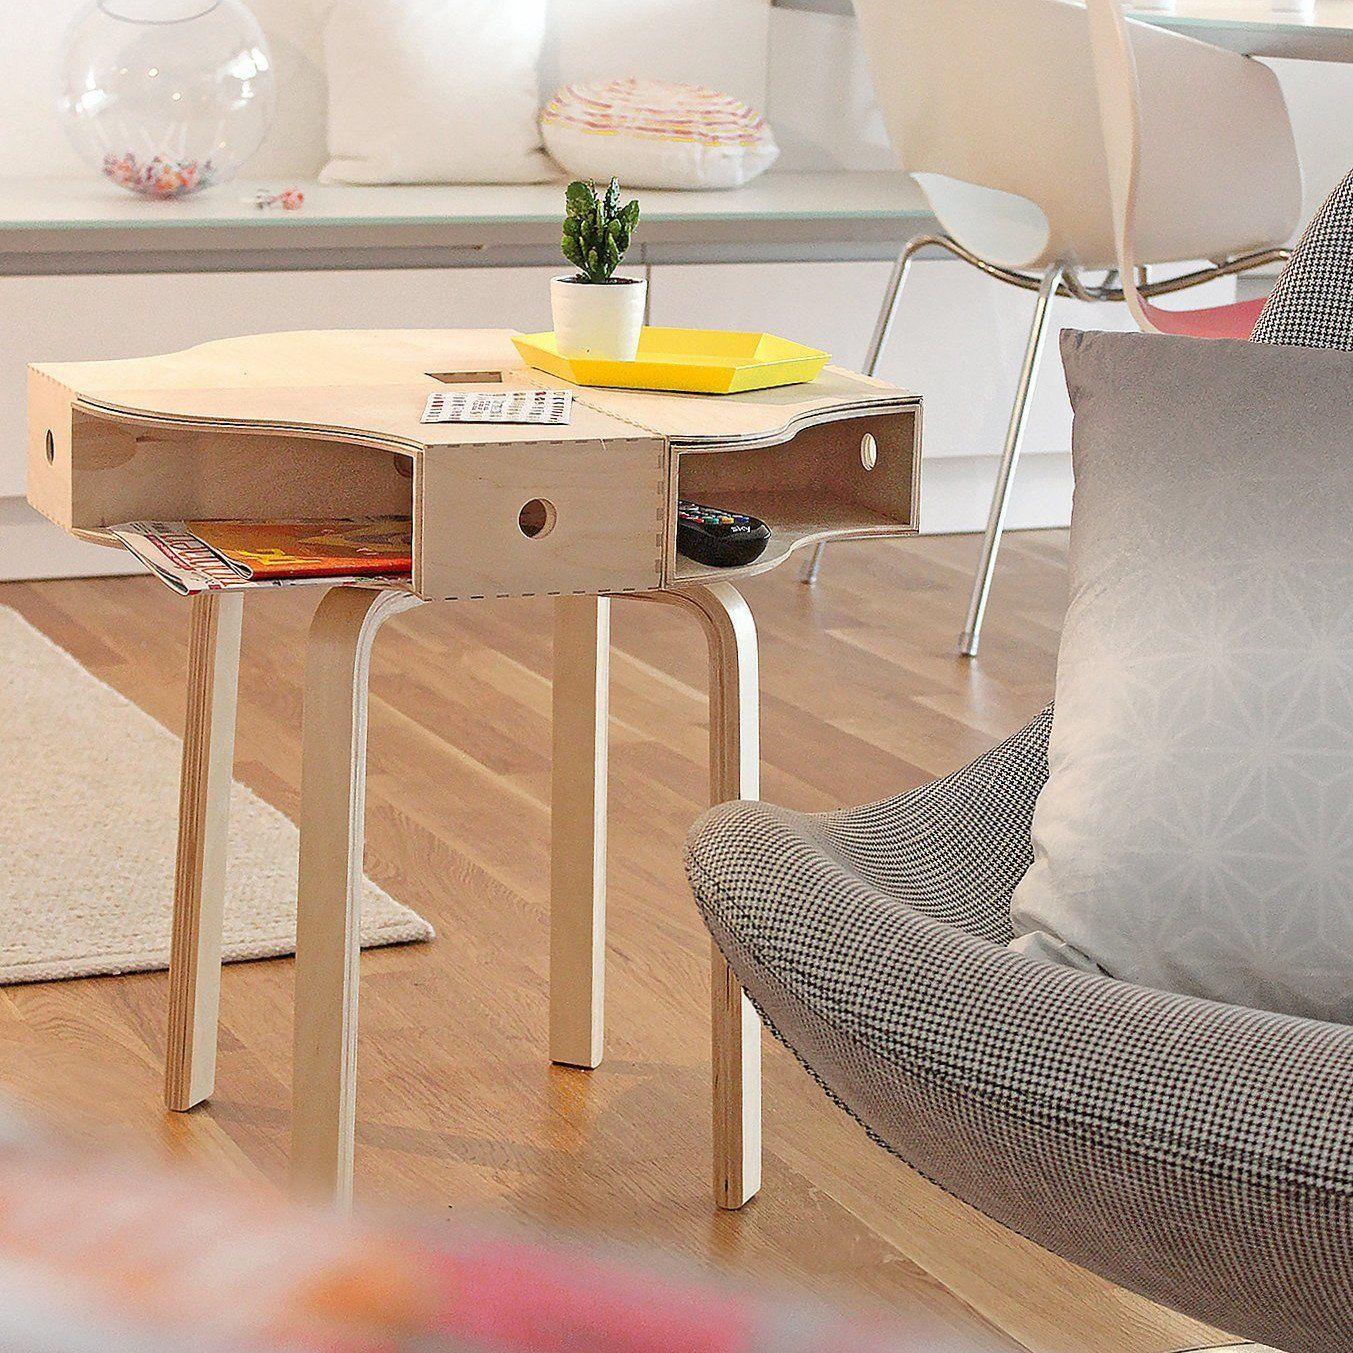 Full Size of Küche Wandverkleidung Eckschrank Industriedesign Beistelltisch Vorhänge Essplatz Blende Miniküche Mit Kühlschrank Ikea Kosten Ebay Einbauküche Eckküche Wohnzimmer Ikea Hack Sitzbank Küche